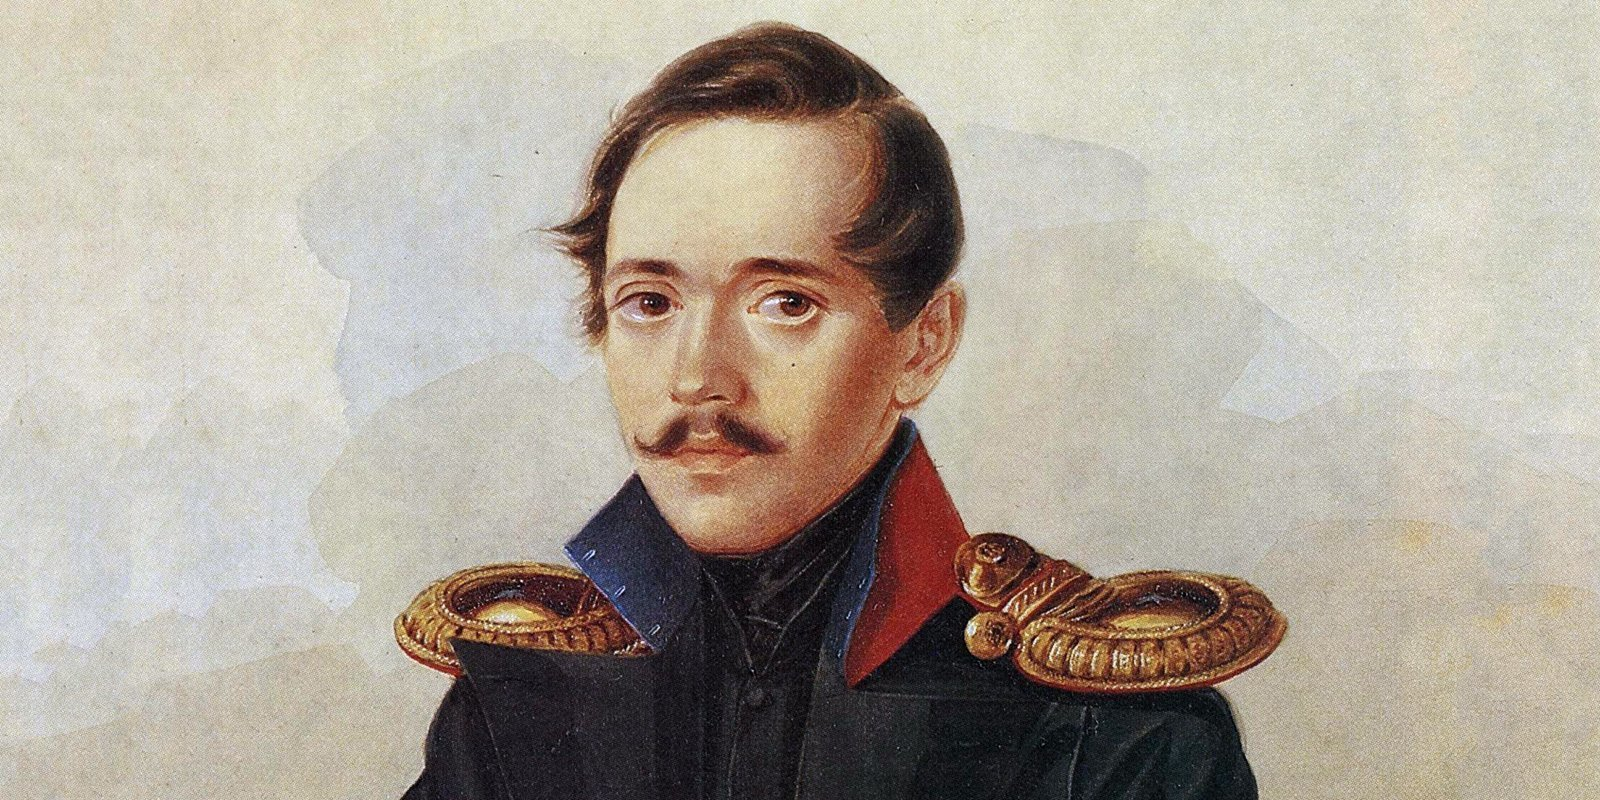 А. Клюндер. Портрет М.Ю. Лермонтова. Фрагмент. 1838 год